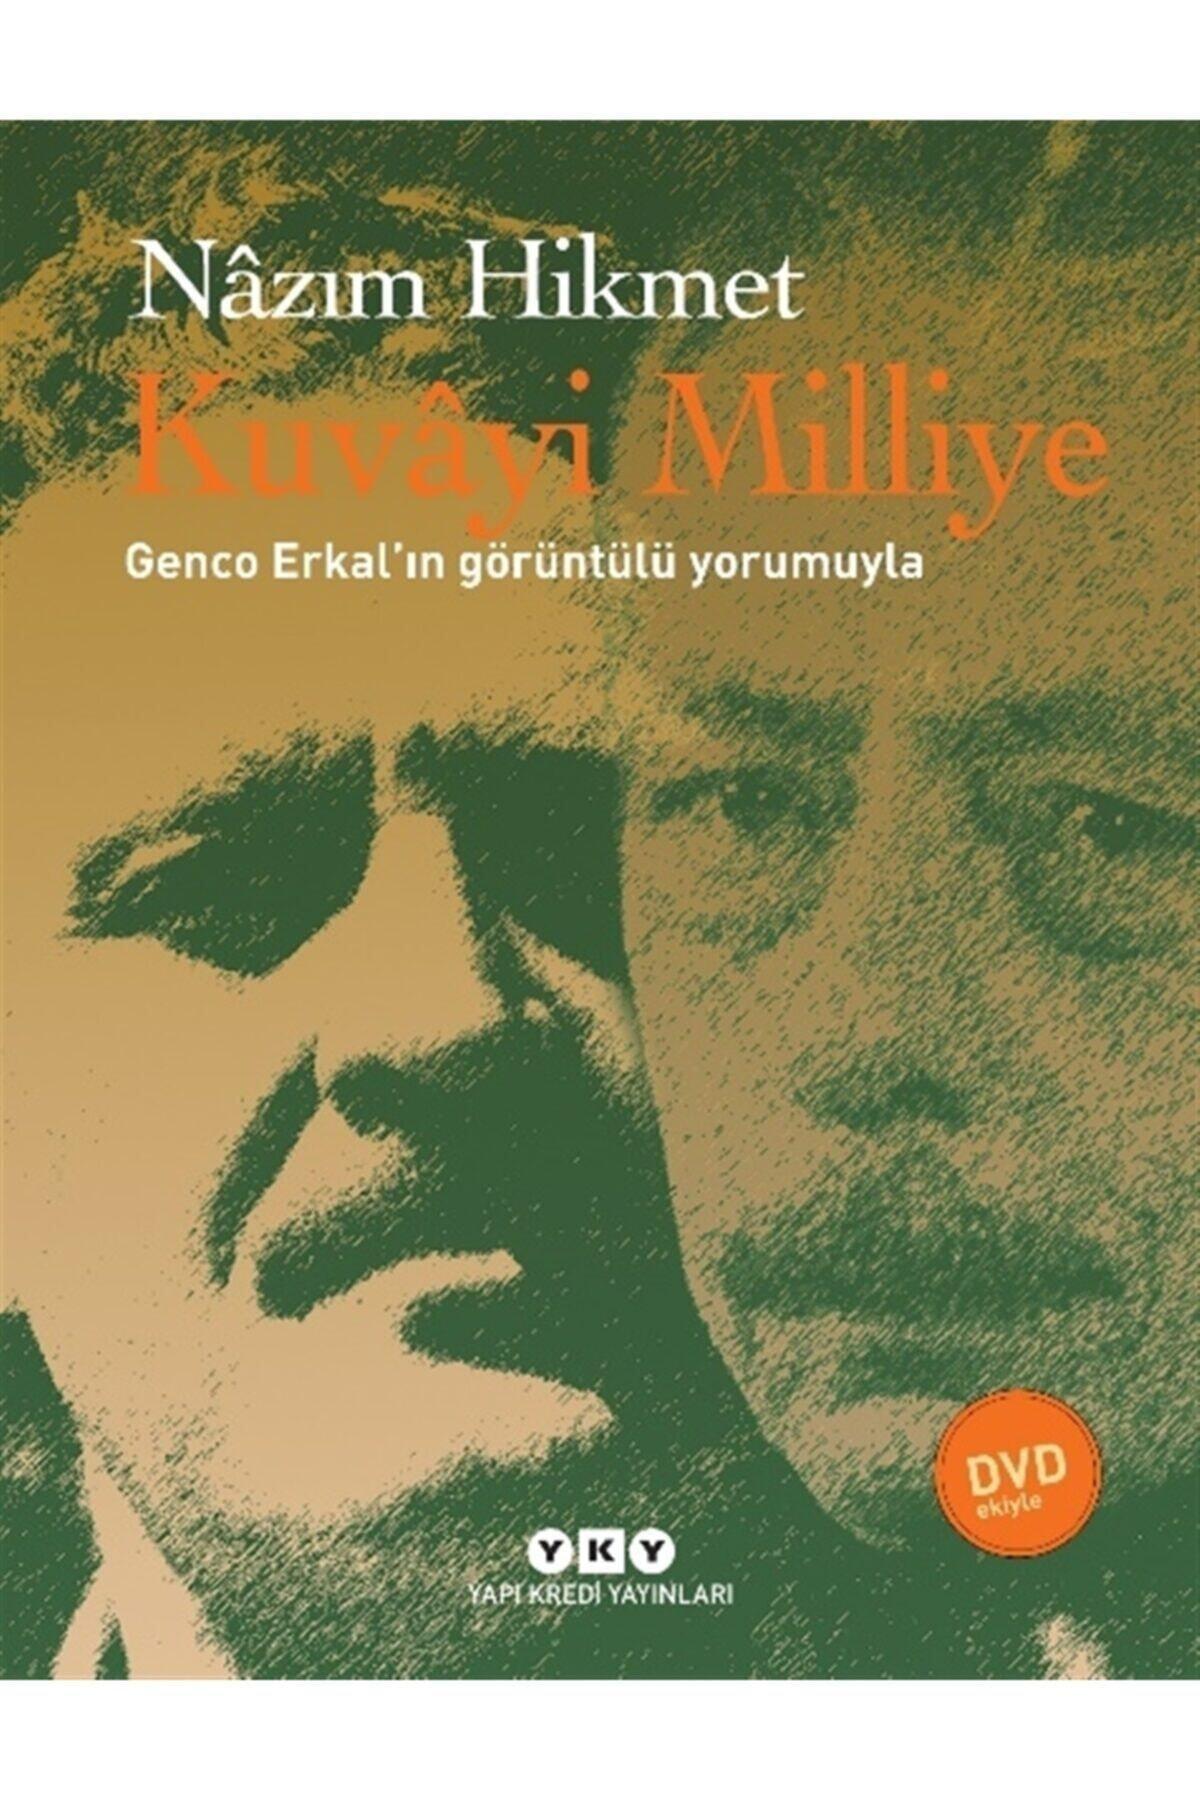 Yapı Kredi Yayınları Kuvayi Milliye - Nazım Hikmet 9789750848544 1